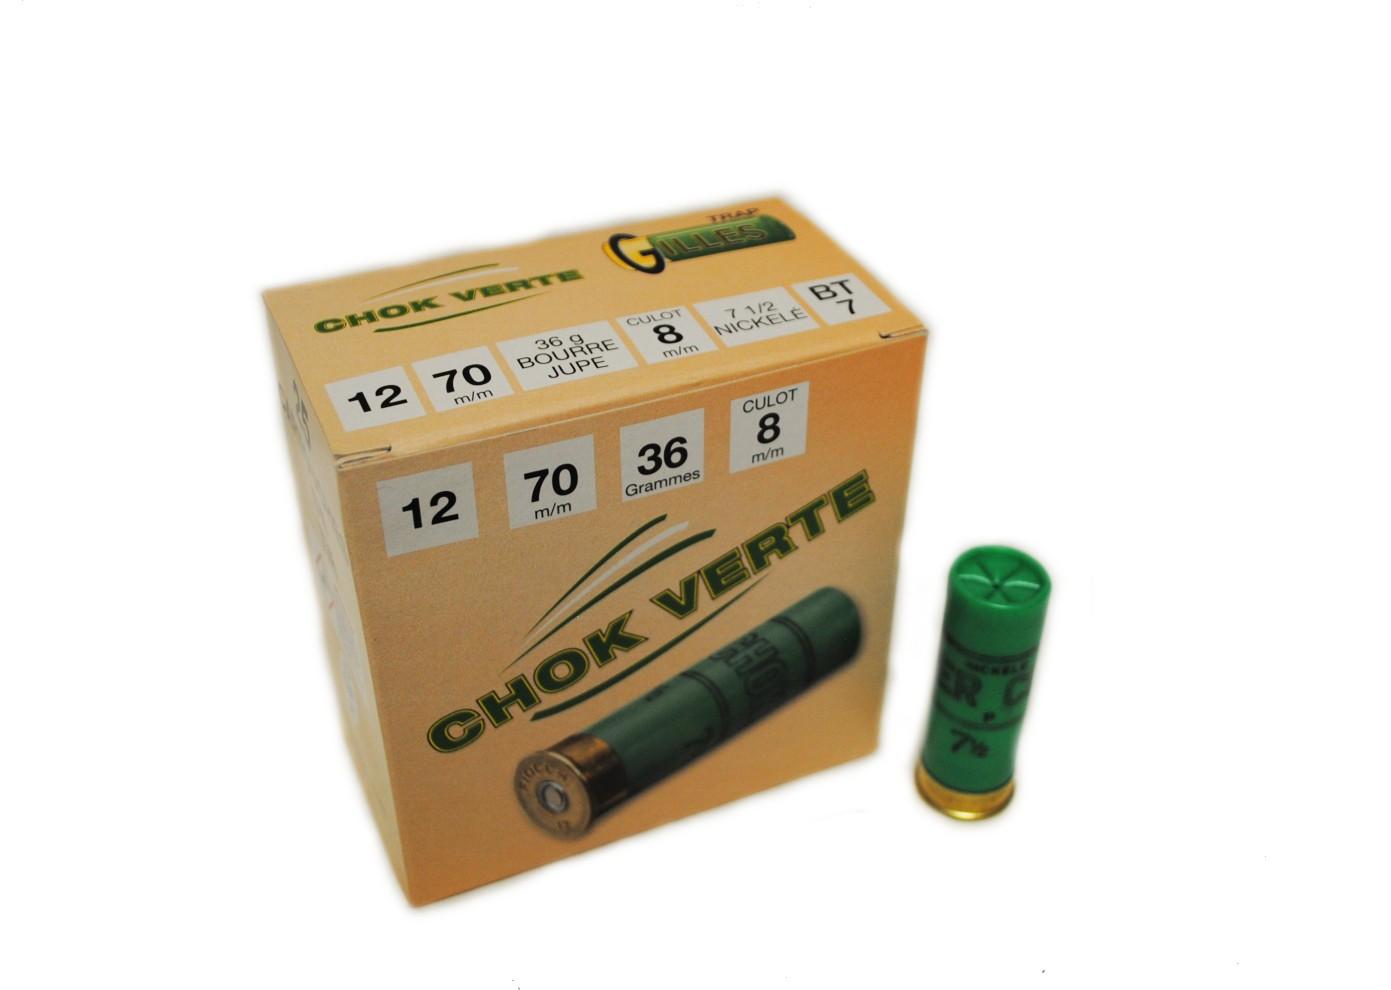 Boite de 25 cartouches CHOK VERTE cal 12 BT7